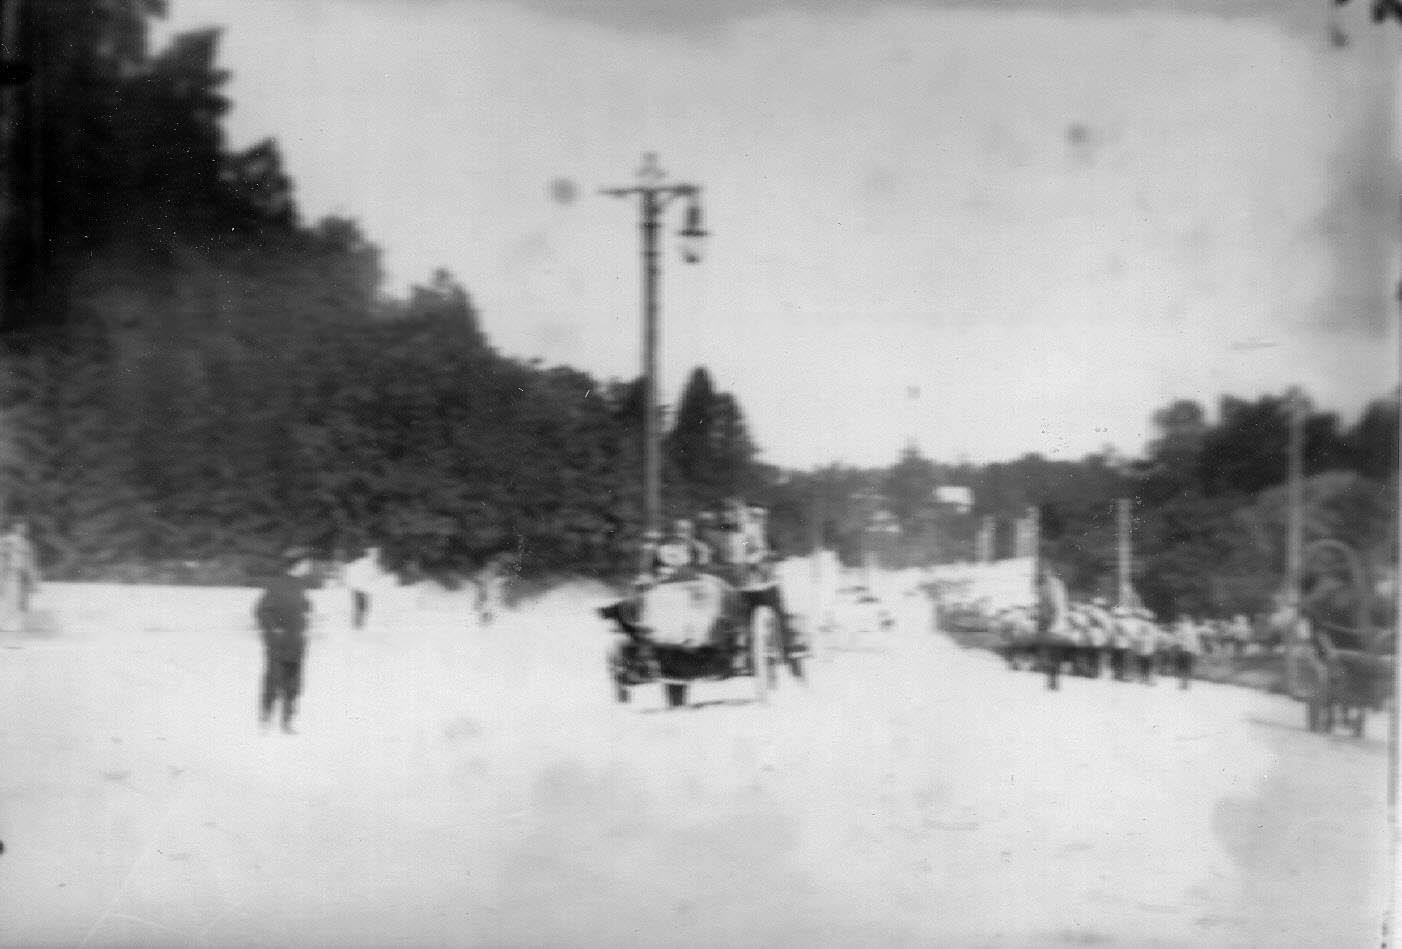 07. Автомобили - участники пробега приближаются к контрольному пункту. Впереди автомобиль № 7